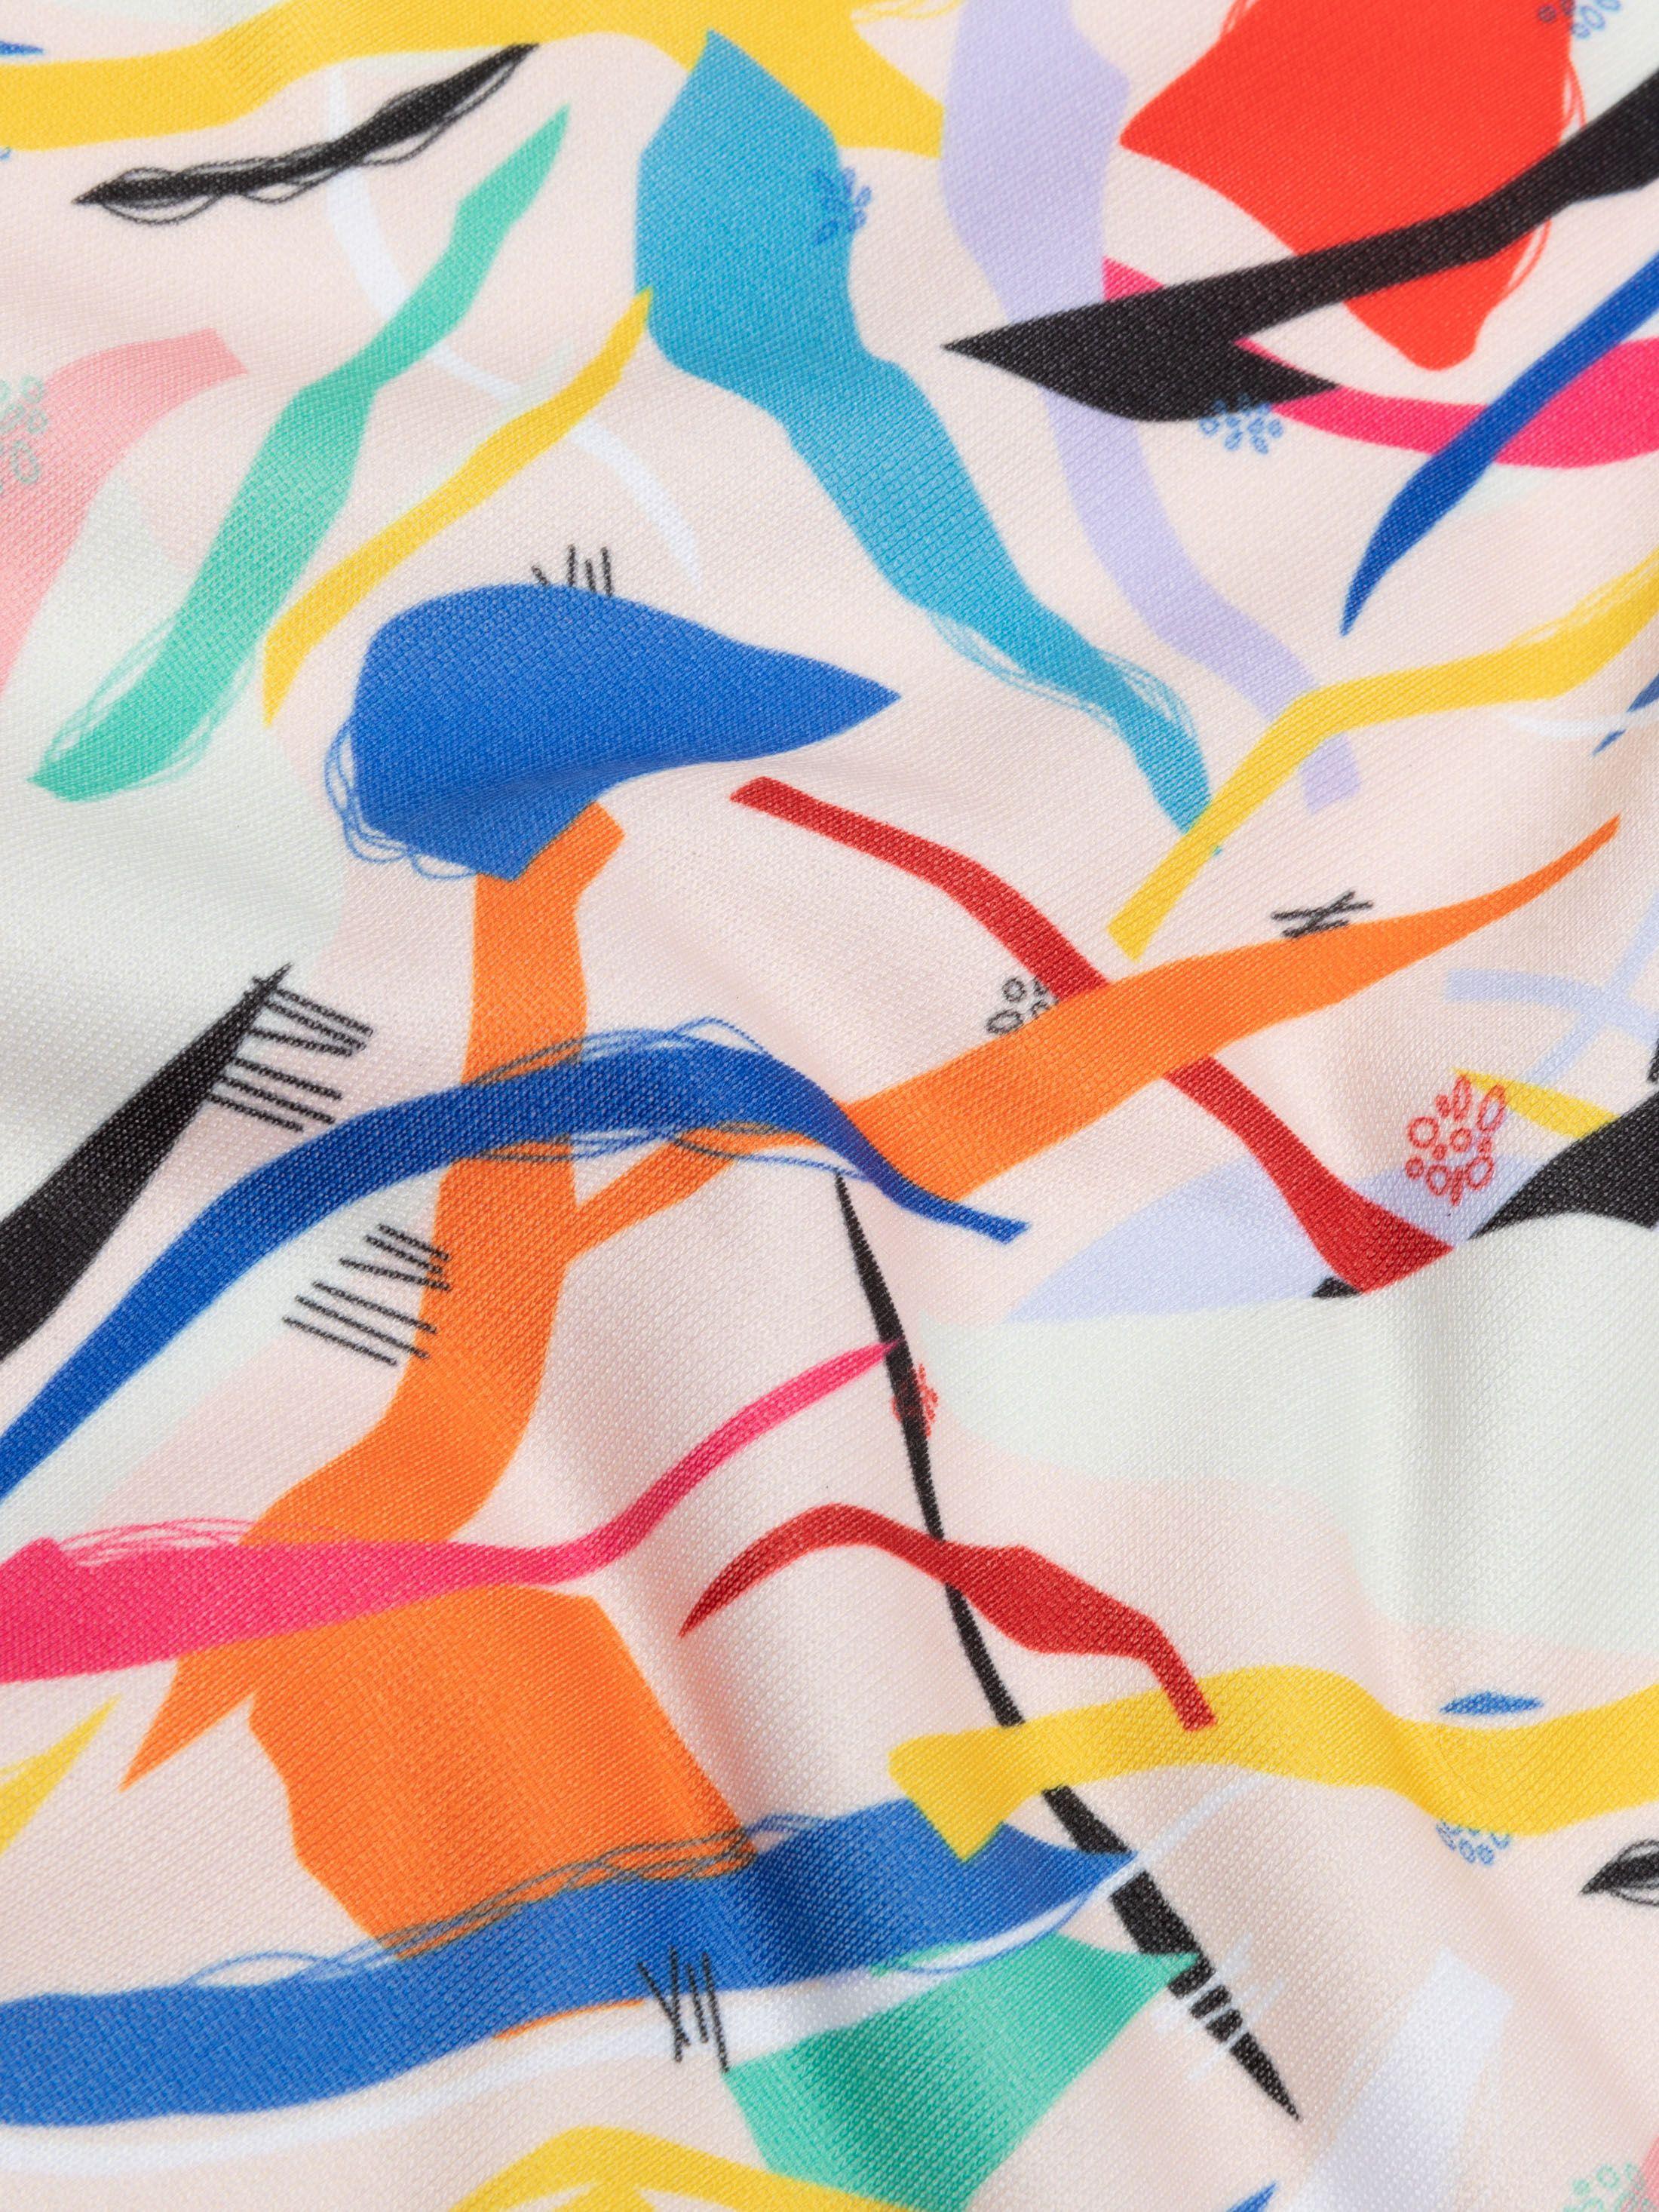 Impresión en tela de sudadera French Terry